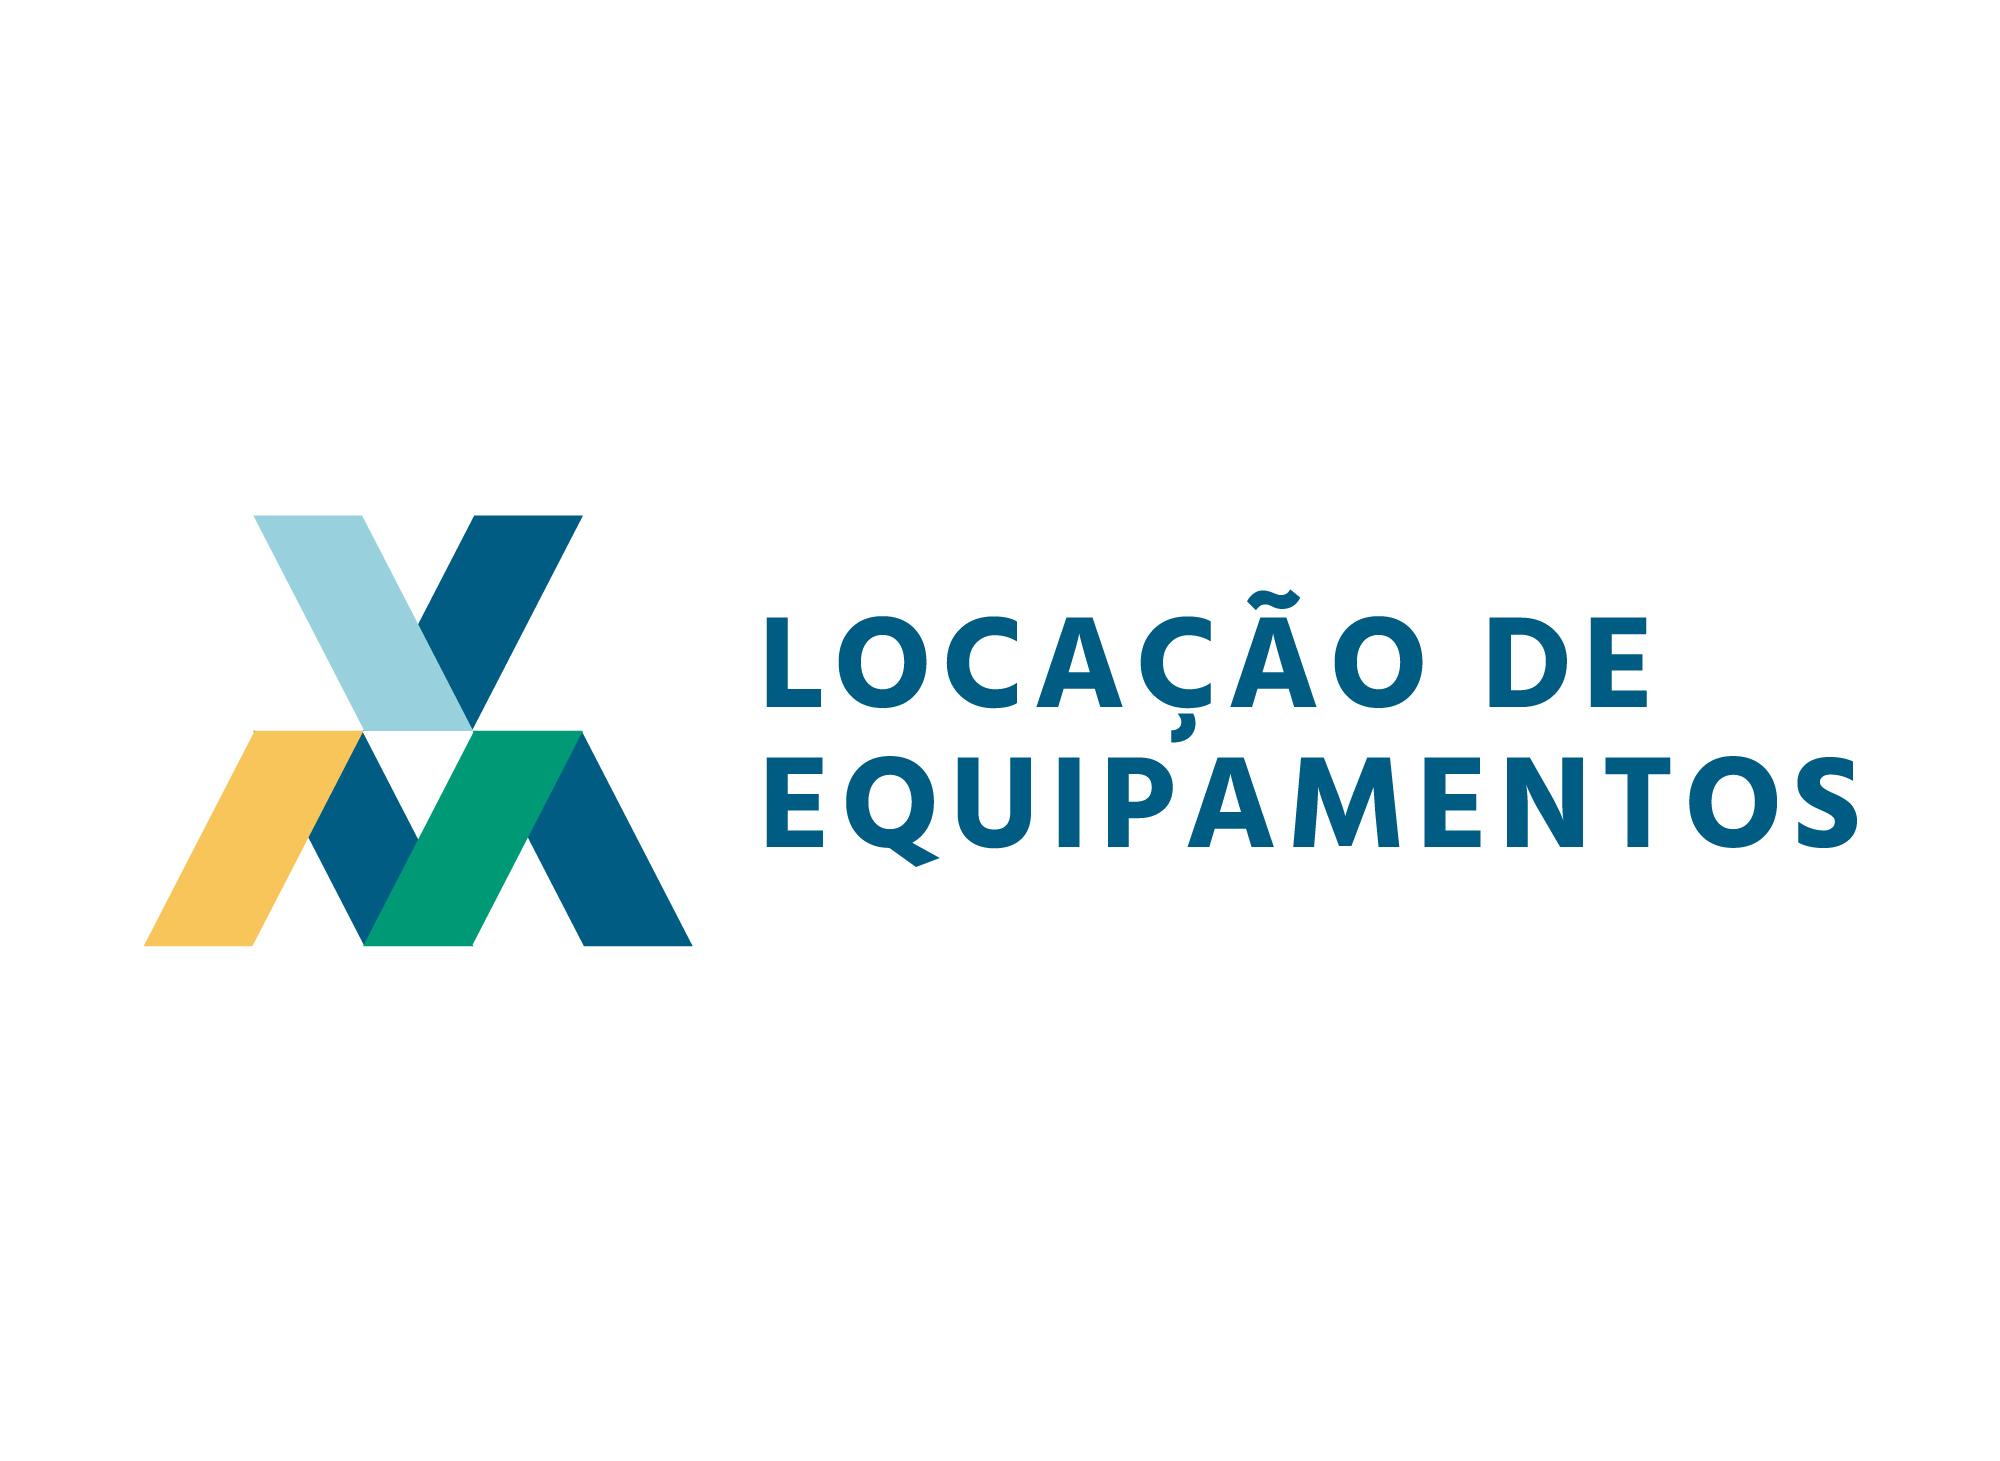 vm-locacoes-de-equipamentos-cliente-agencia-diretriz-digital-marketing-fortaleza